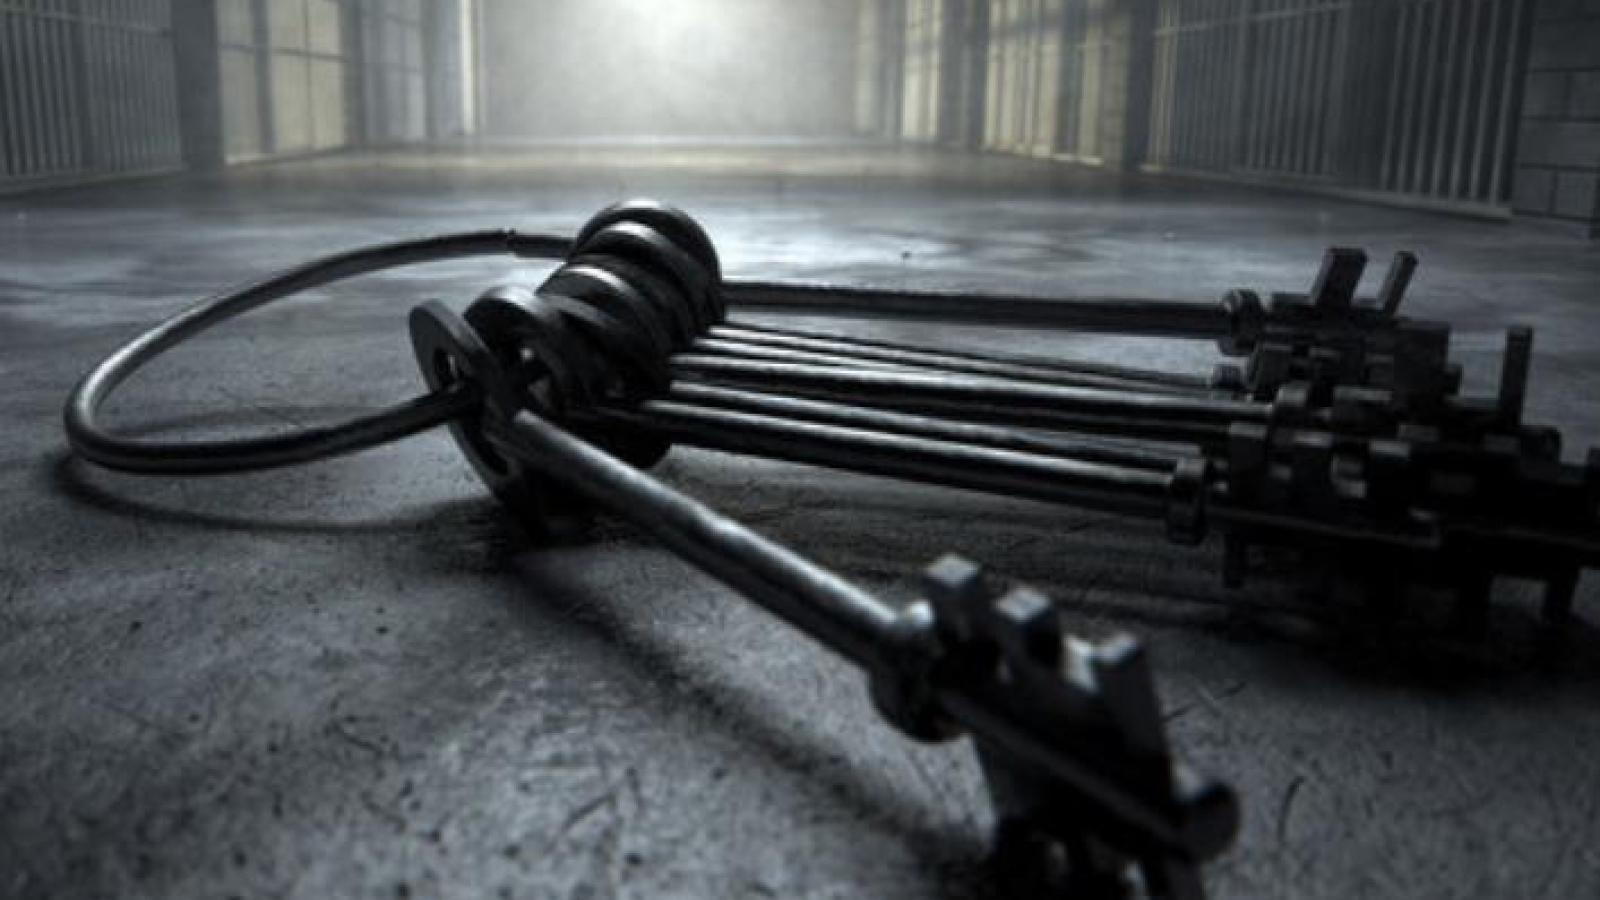 Khoe khóa phòng giam trên mạng, thực tập sinh khiến nhà tù phải thay khẩn cấp 600 ổ khóa